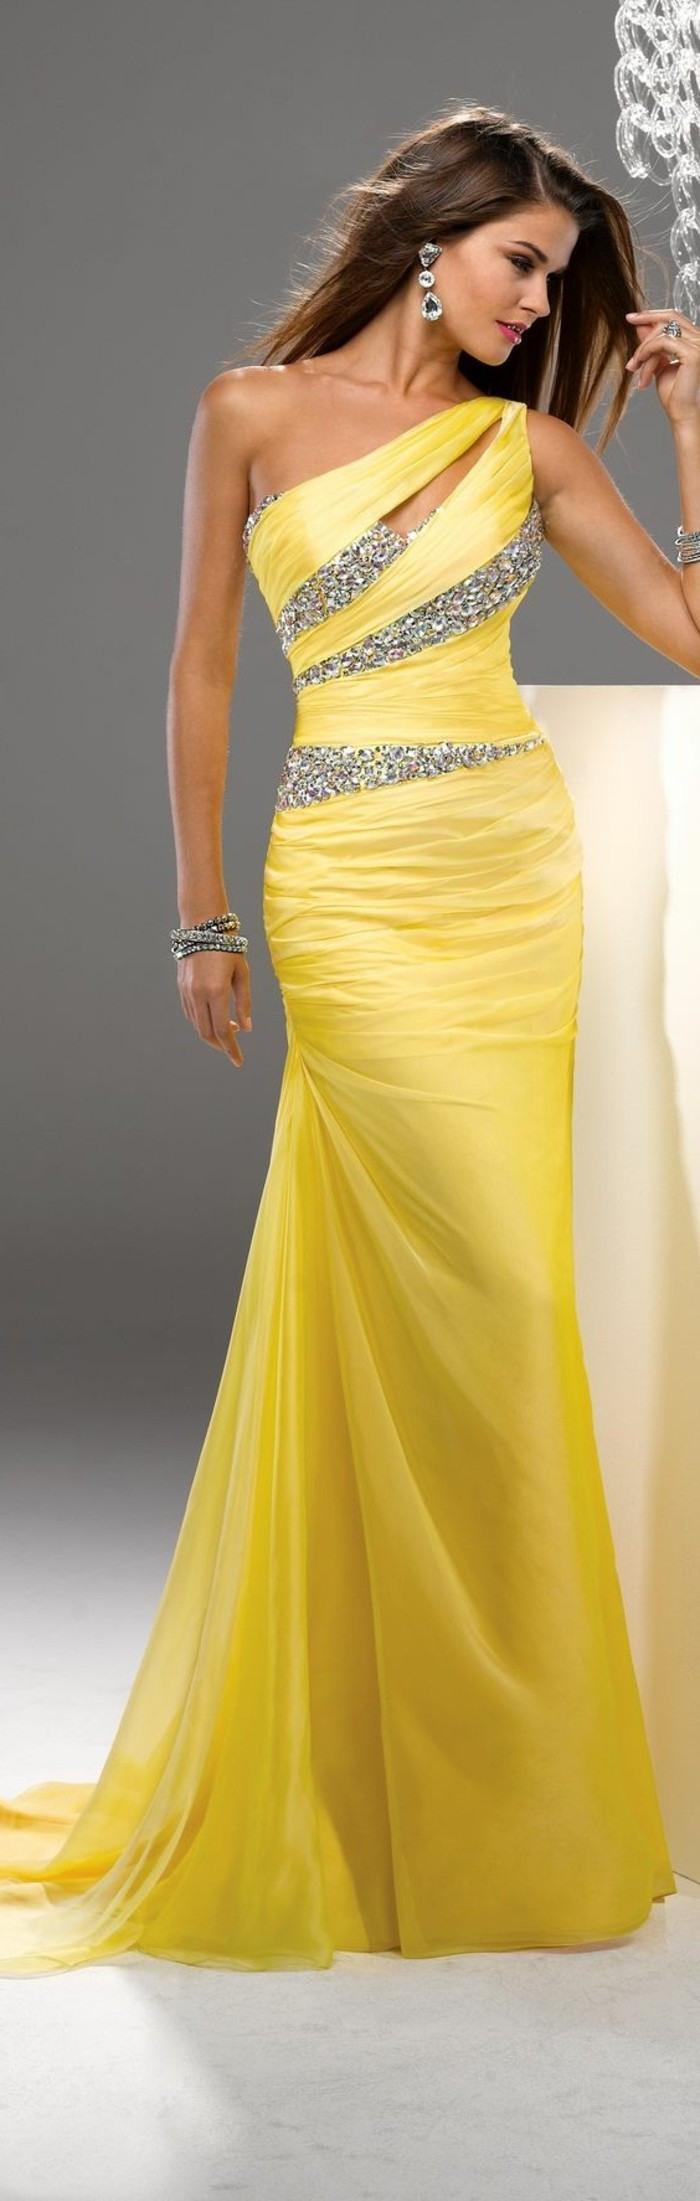 Abend Erstaunlich Abend Kleider In Gelb für 201915 Leicht Abend Kleider In Gelb Boutique